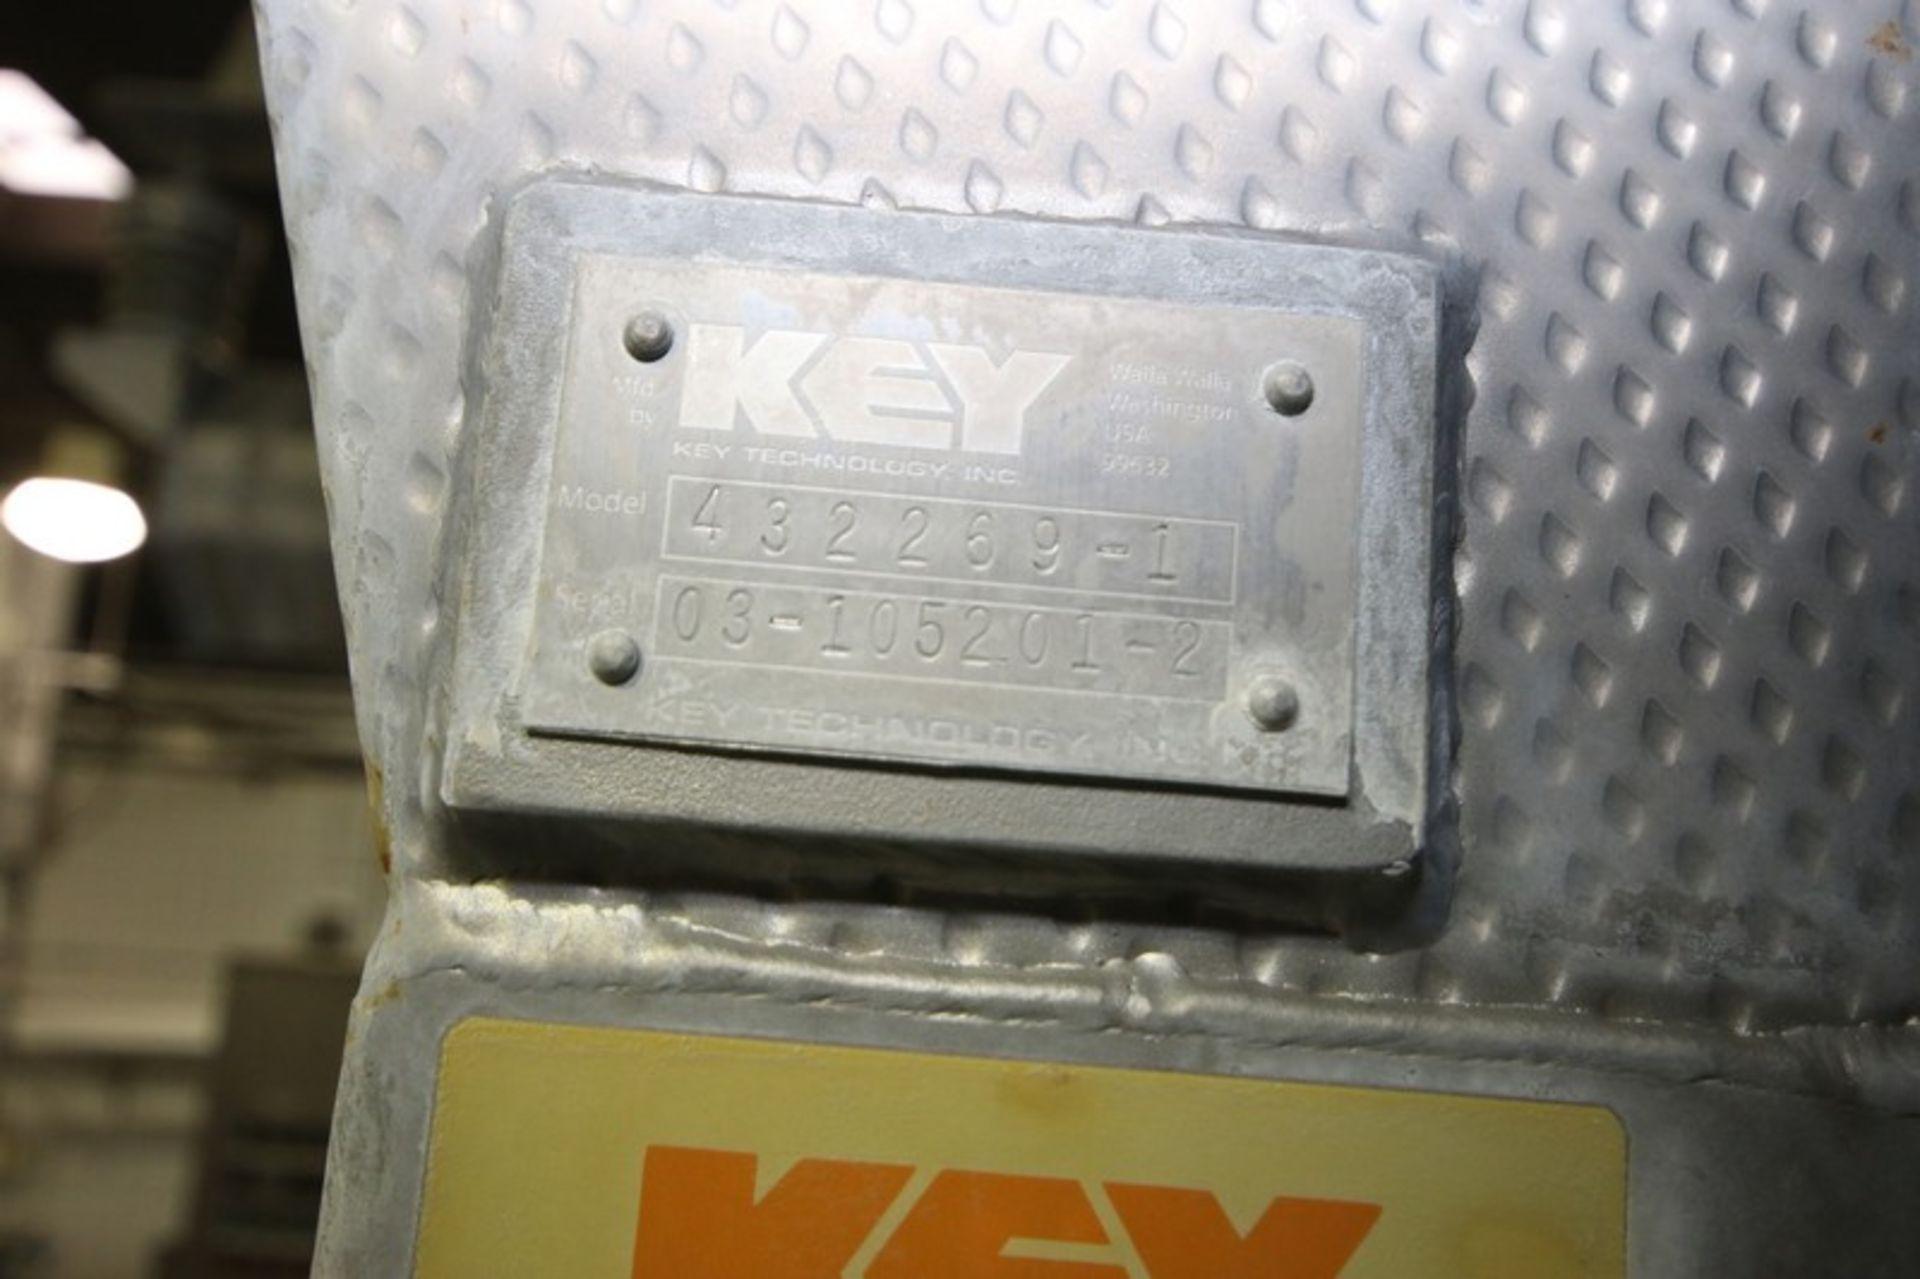 Lot 11 - Key S/S Spreader Shaker Feed System, Includes Key S/S Spreader Shaker Deck, M/N 432252-1, S/N 03-